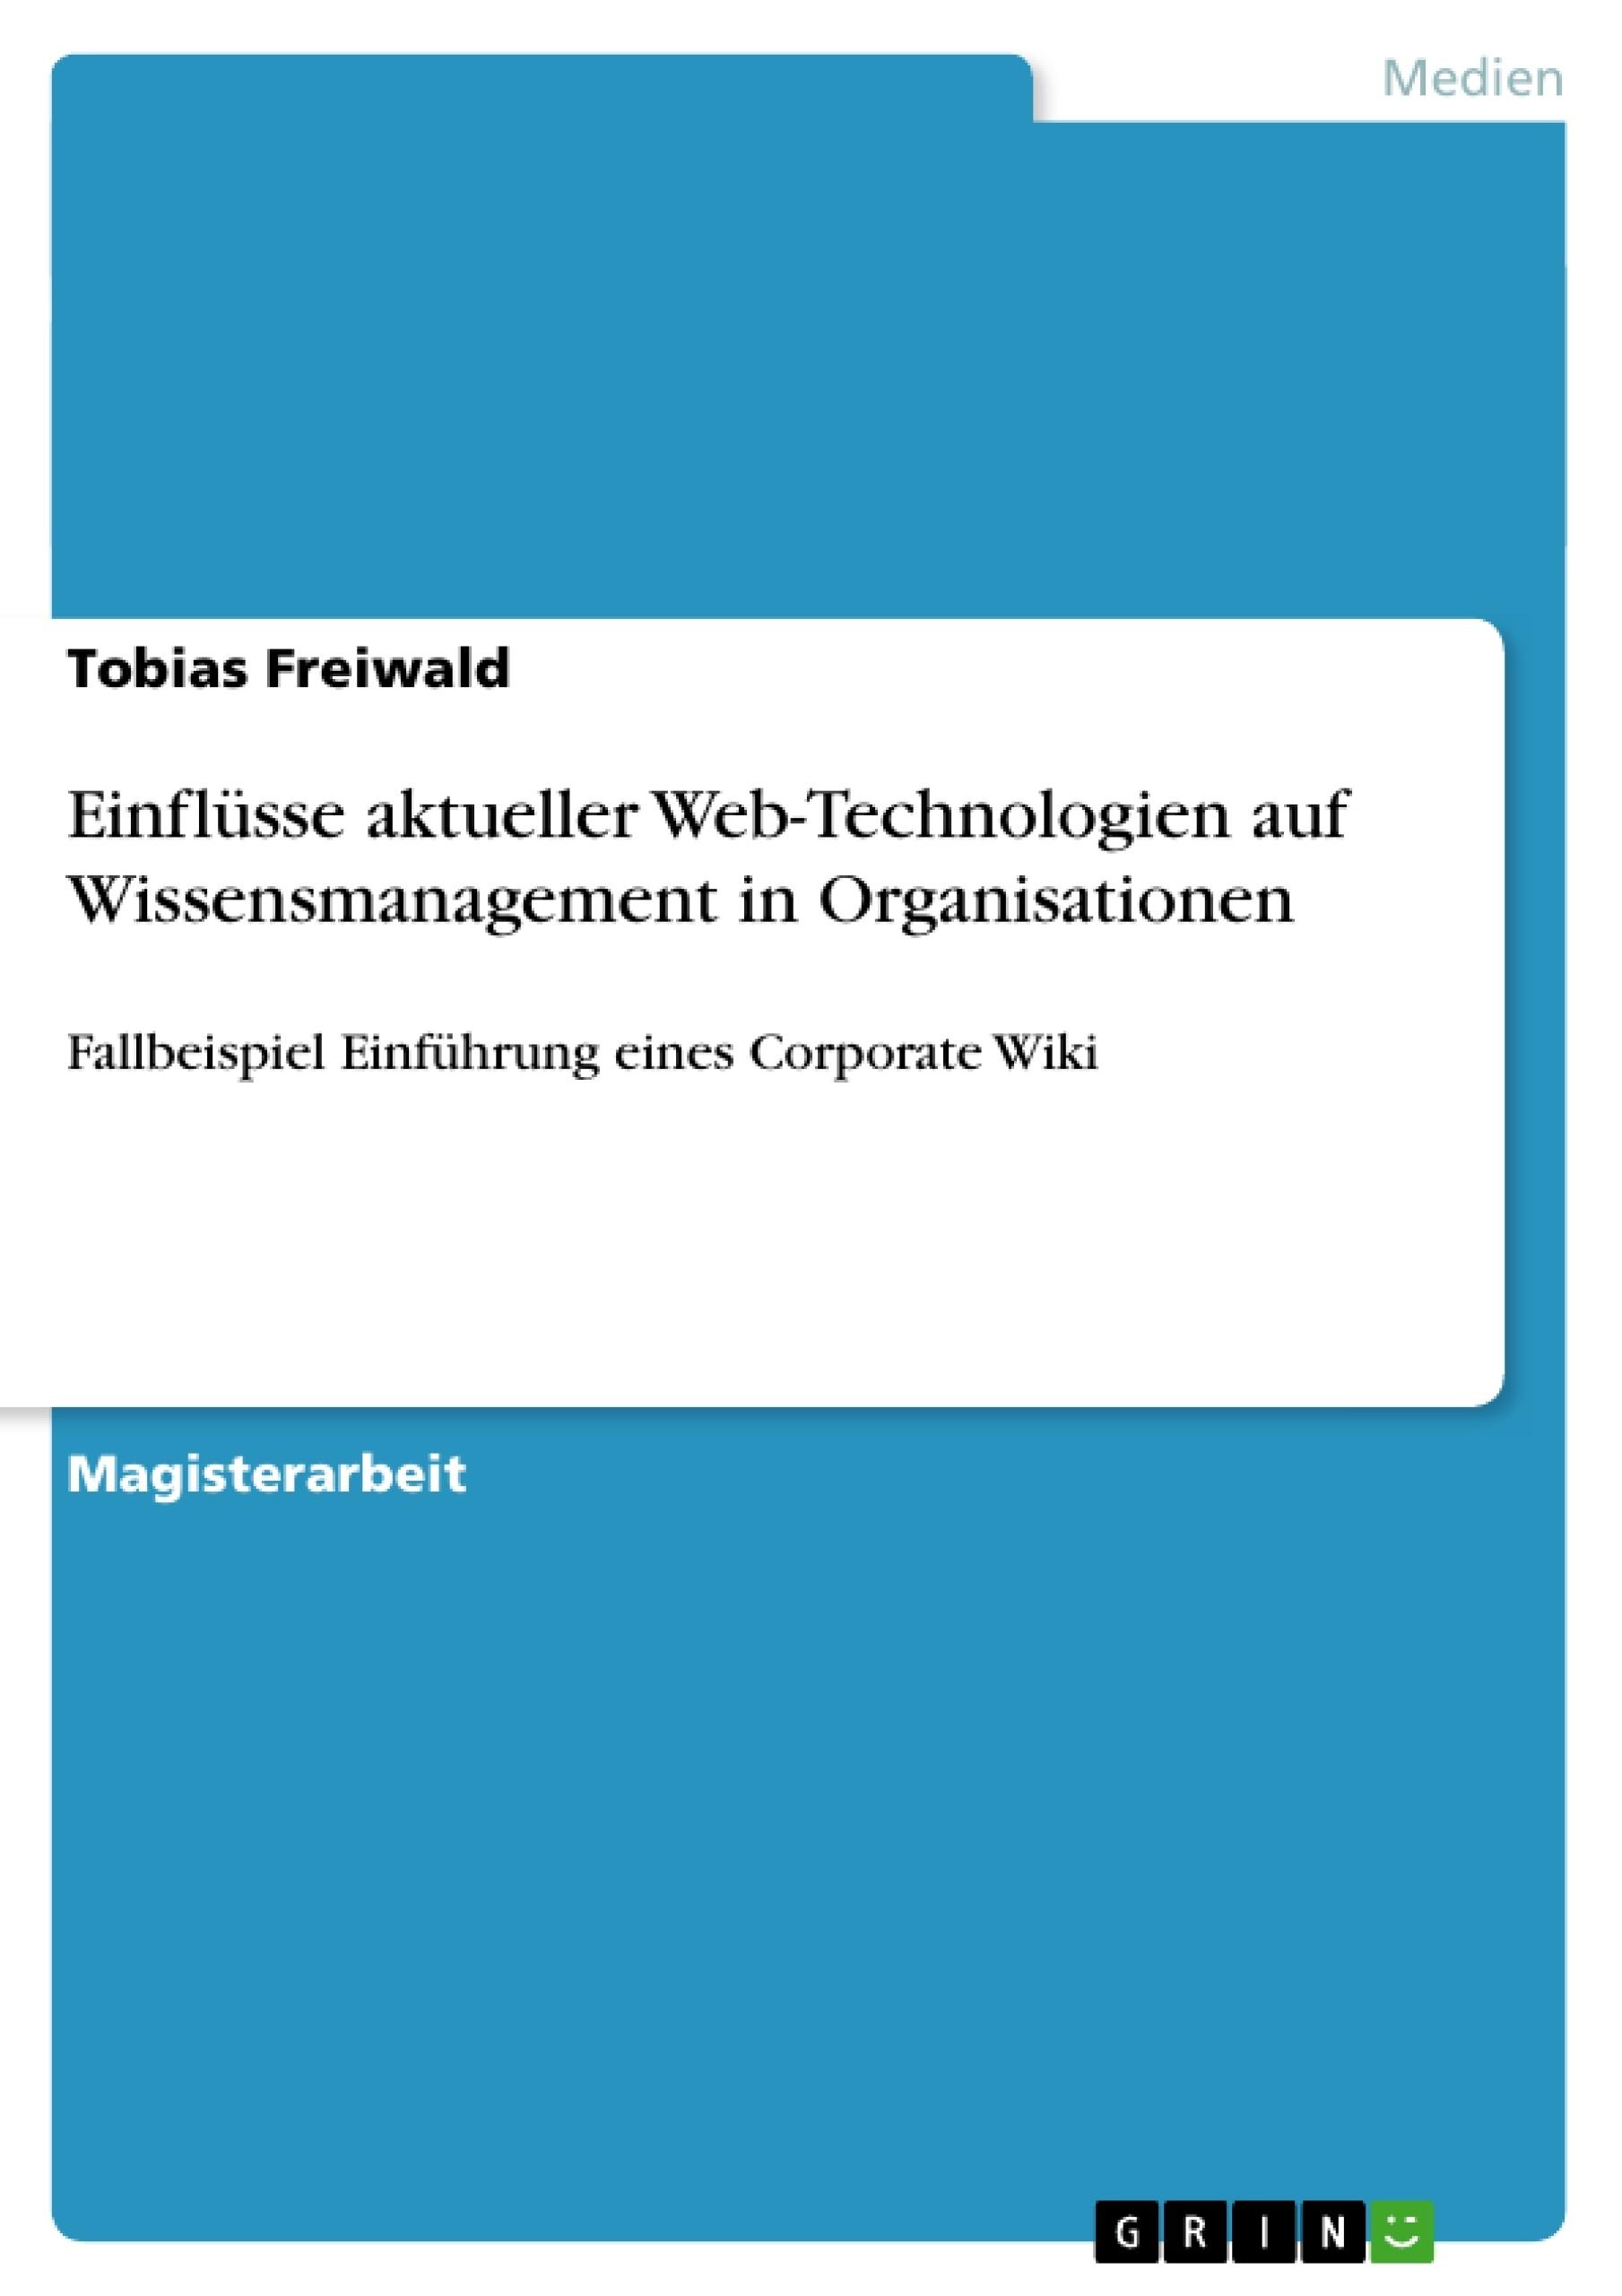 Titel: Einflüsse aktueller Web-Technologien auf Wissensmanagement in Organisationen